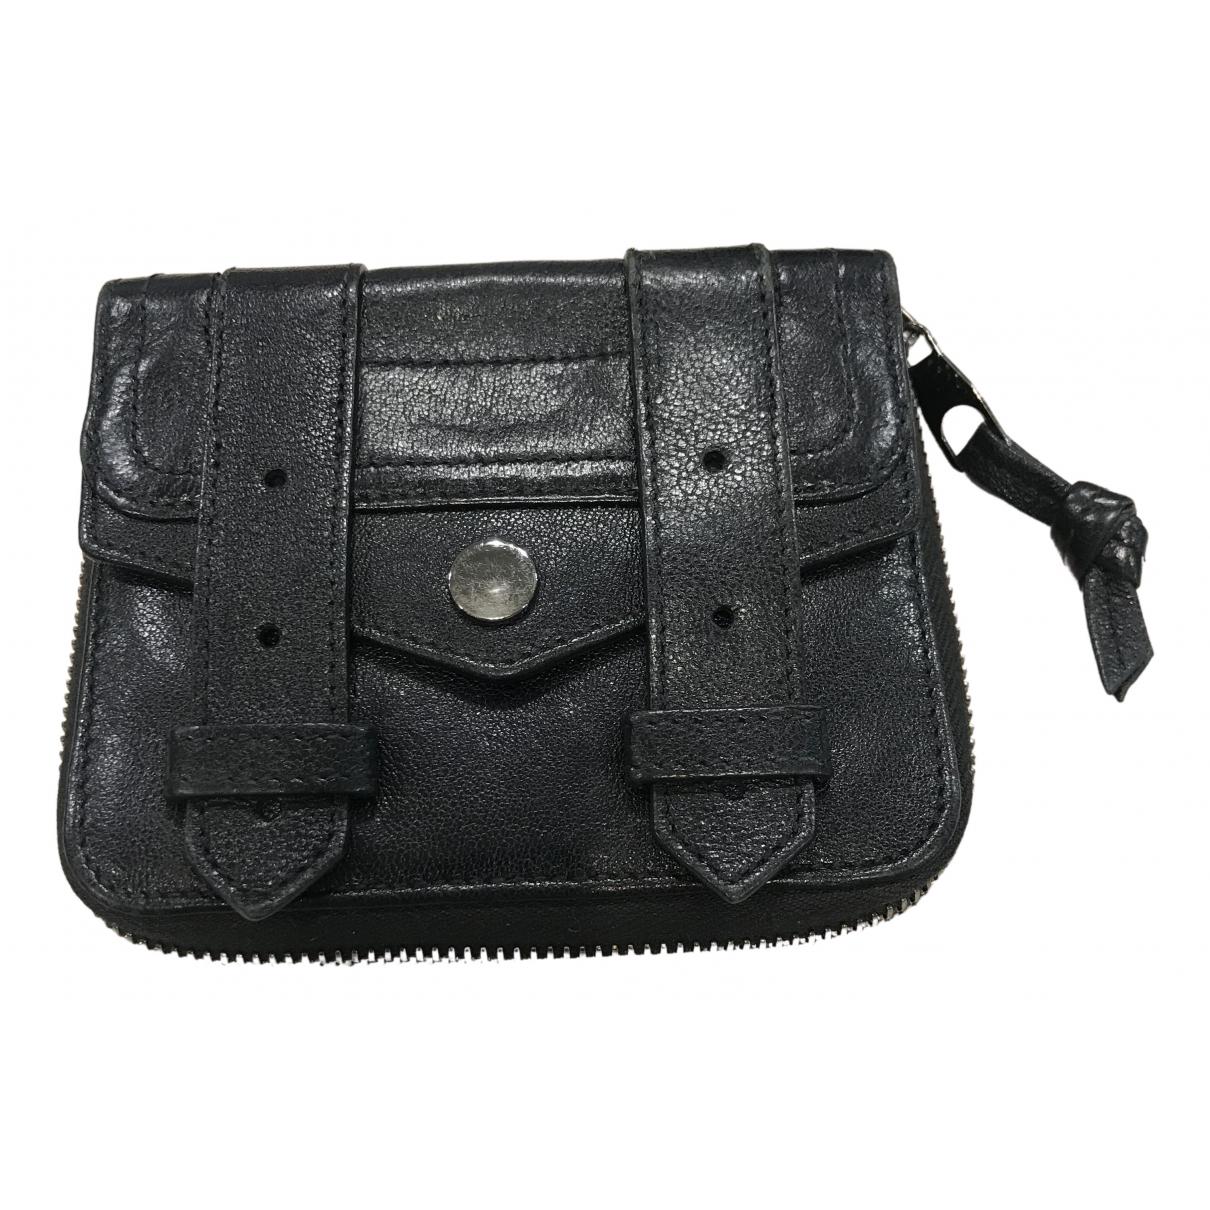 Proenza Schouler - Portefeuille   pour femme en cuir - noir